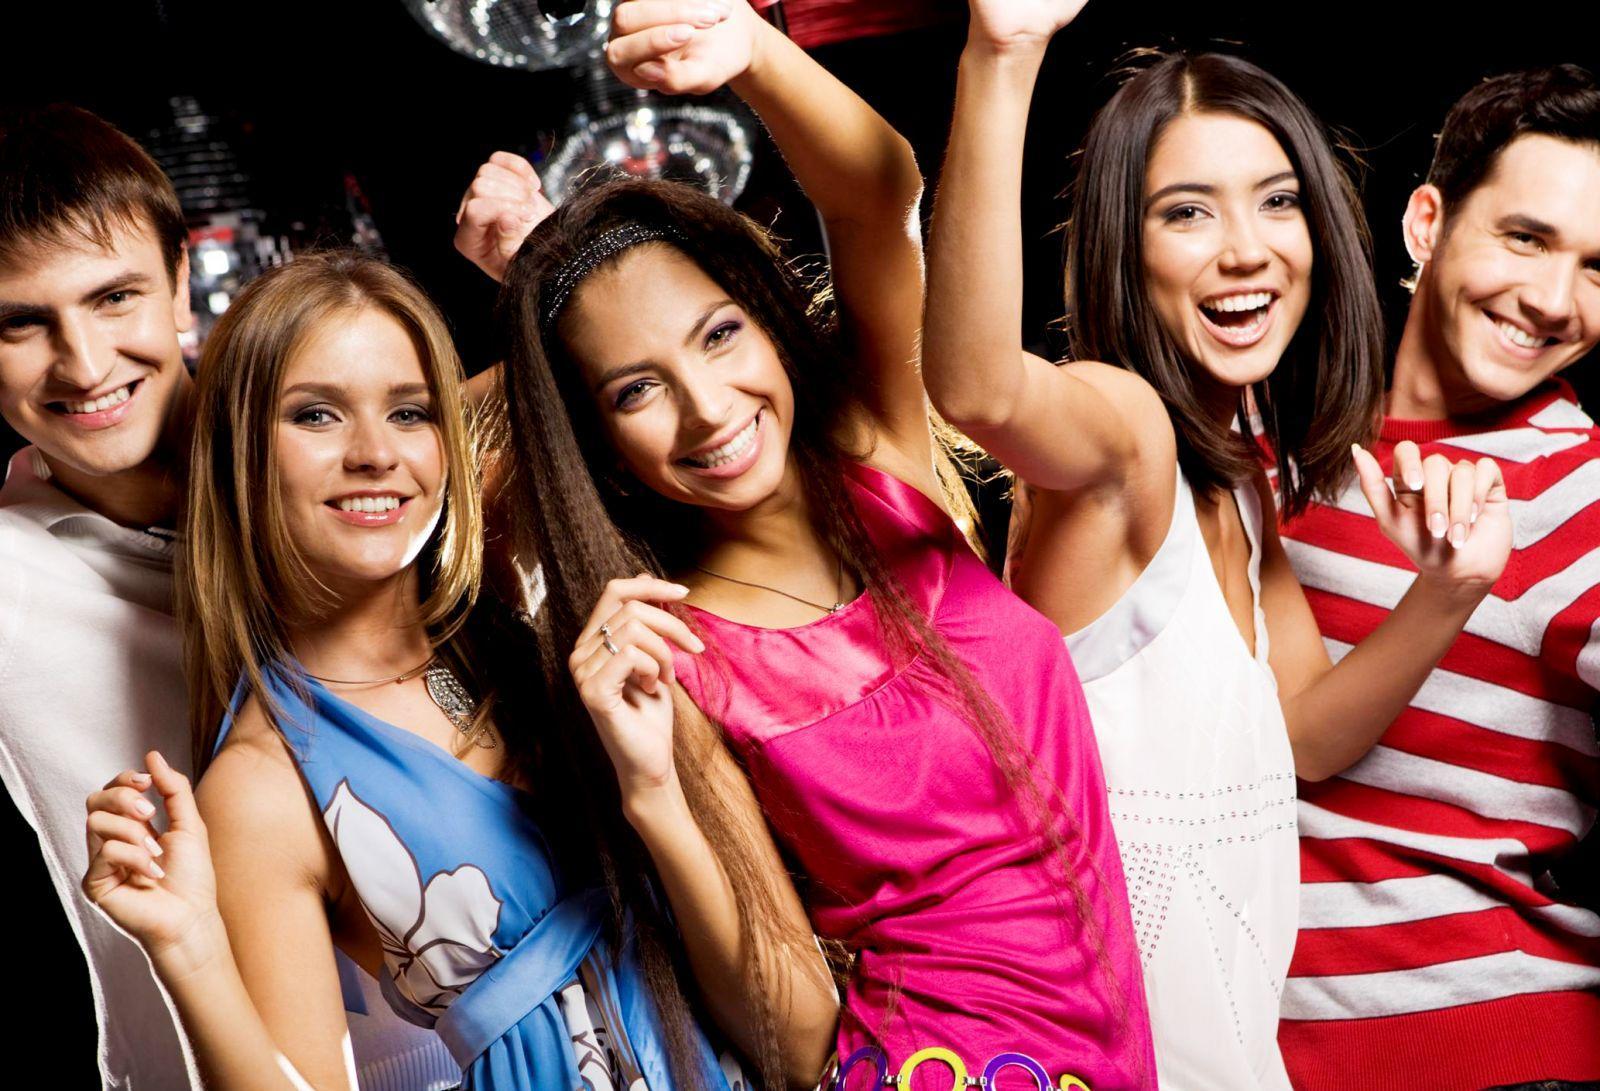 Как устроить молодежная вечеринка бесплатно онлайн фото 306-285